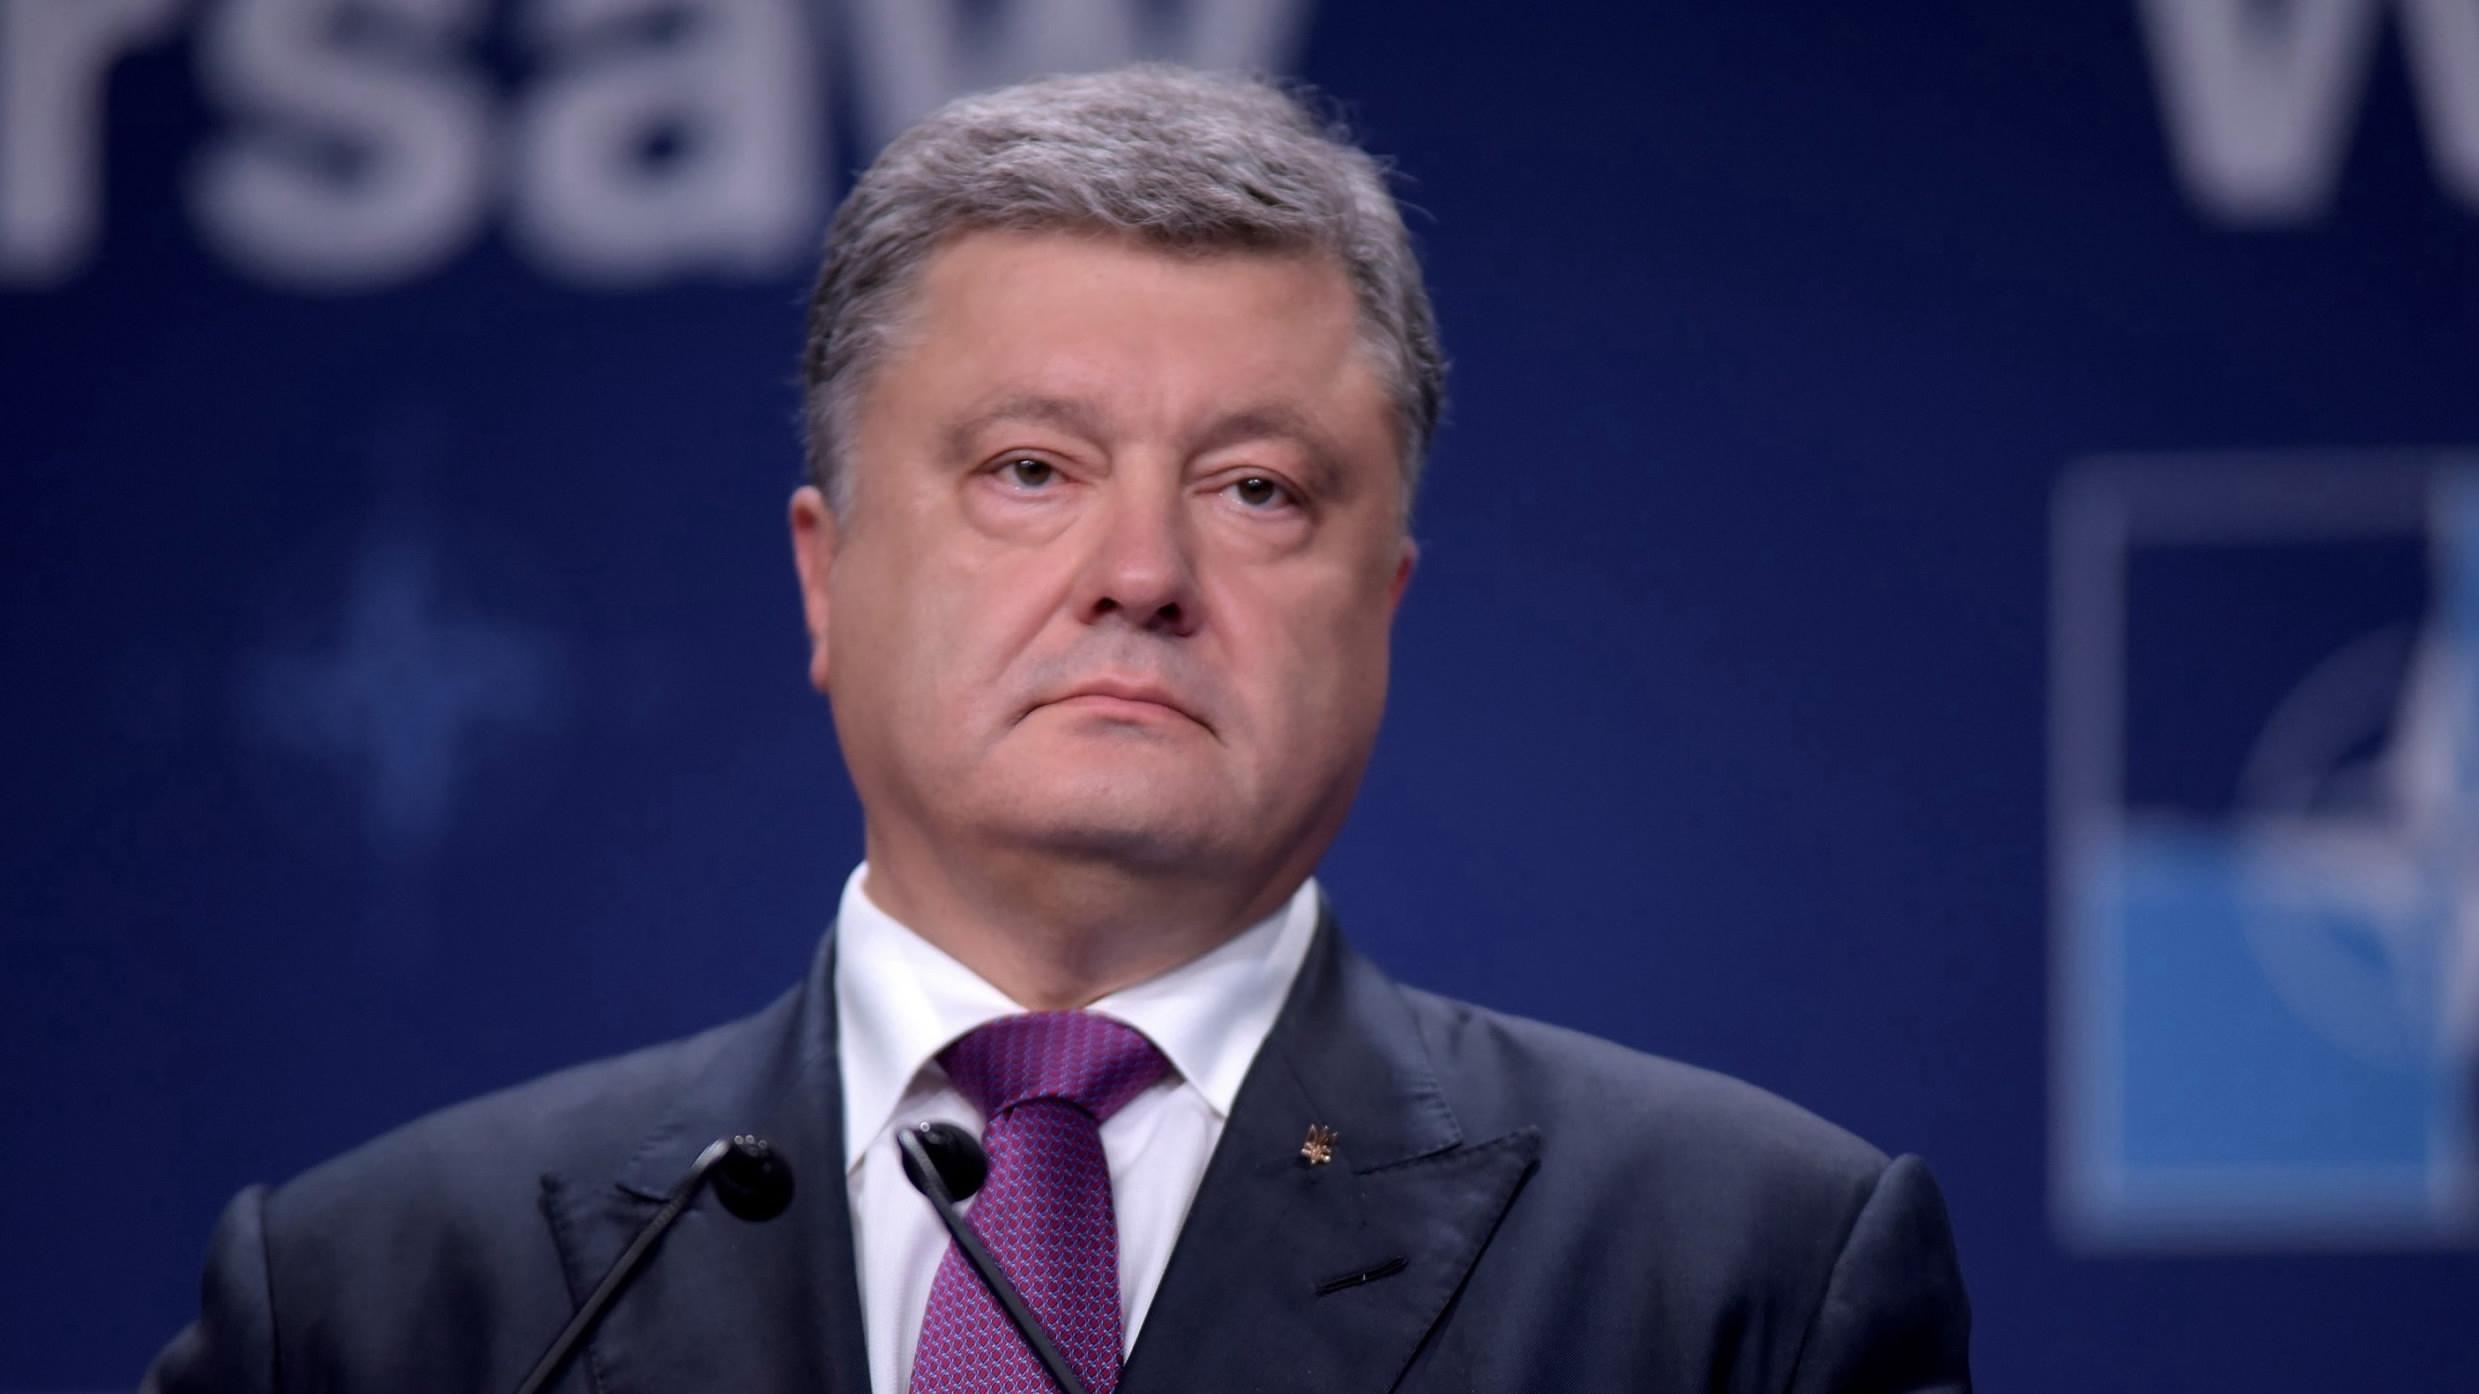 Liderul de la Kiev, Petro Poroșenko, transformă aderarea Ucrainei la NATO în slogan electoral pentru prezidențiale